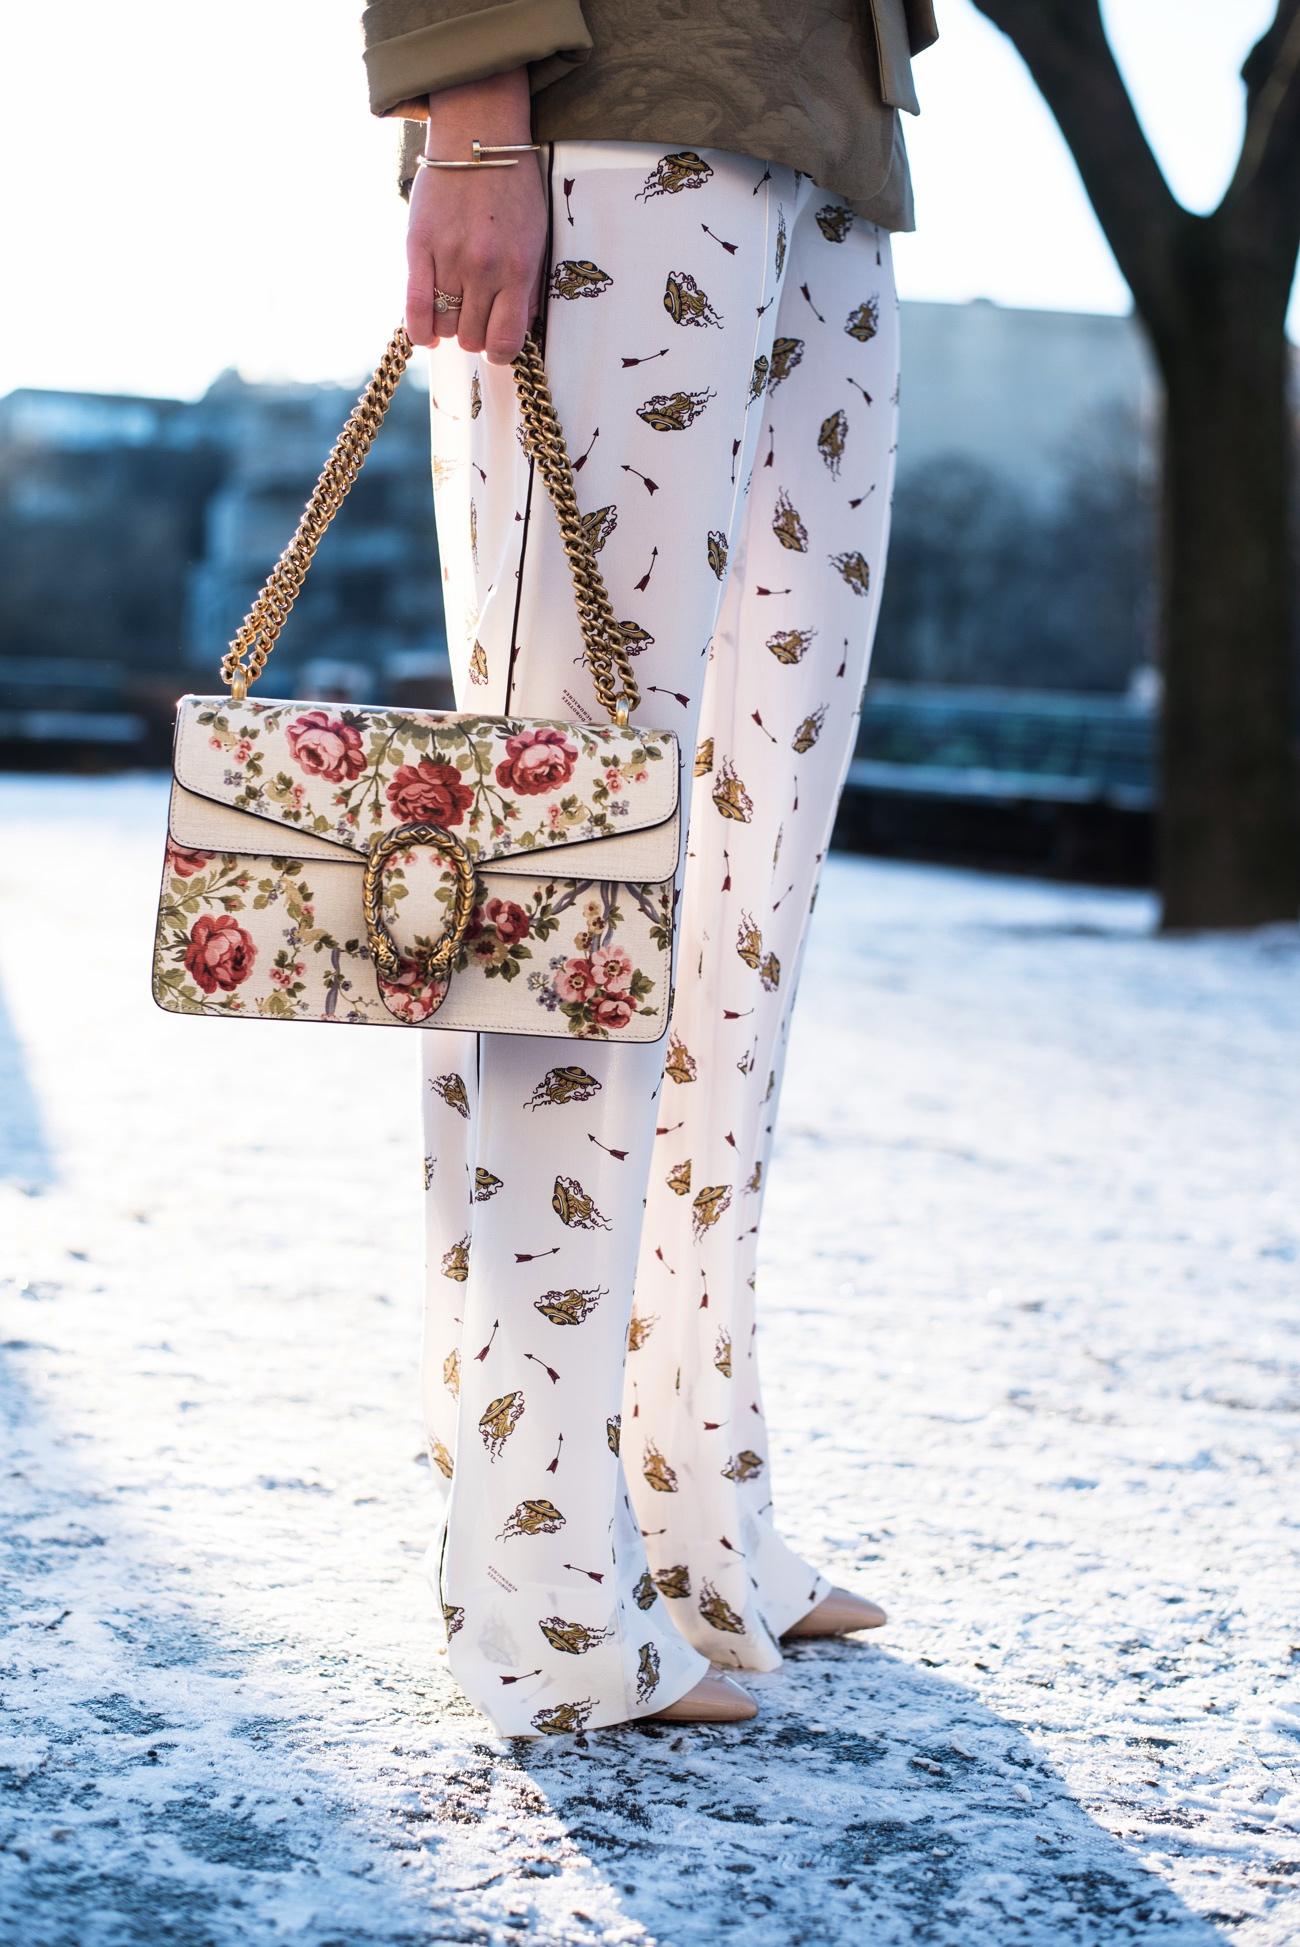 gucci-dionysus-blumen-tasche-flower-bag-fashiioncarpet